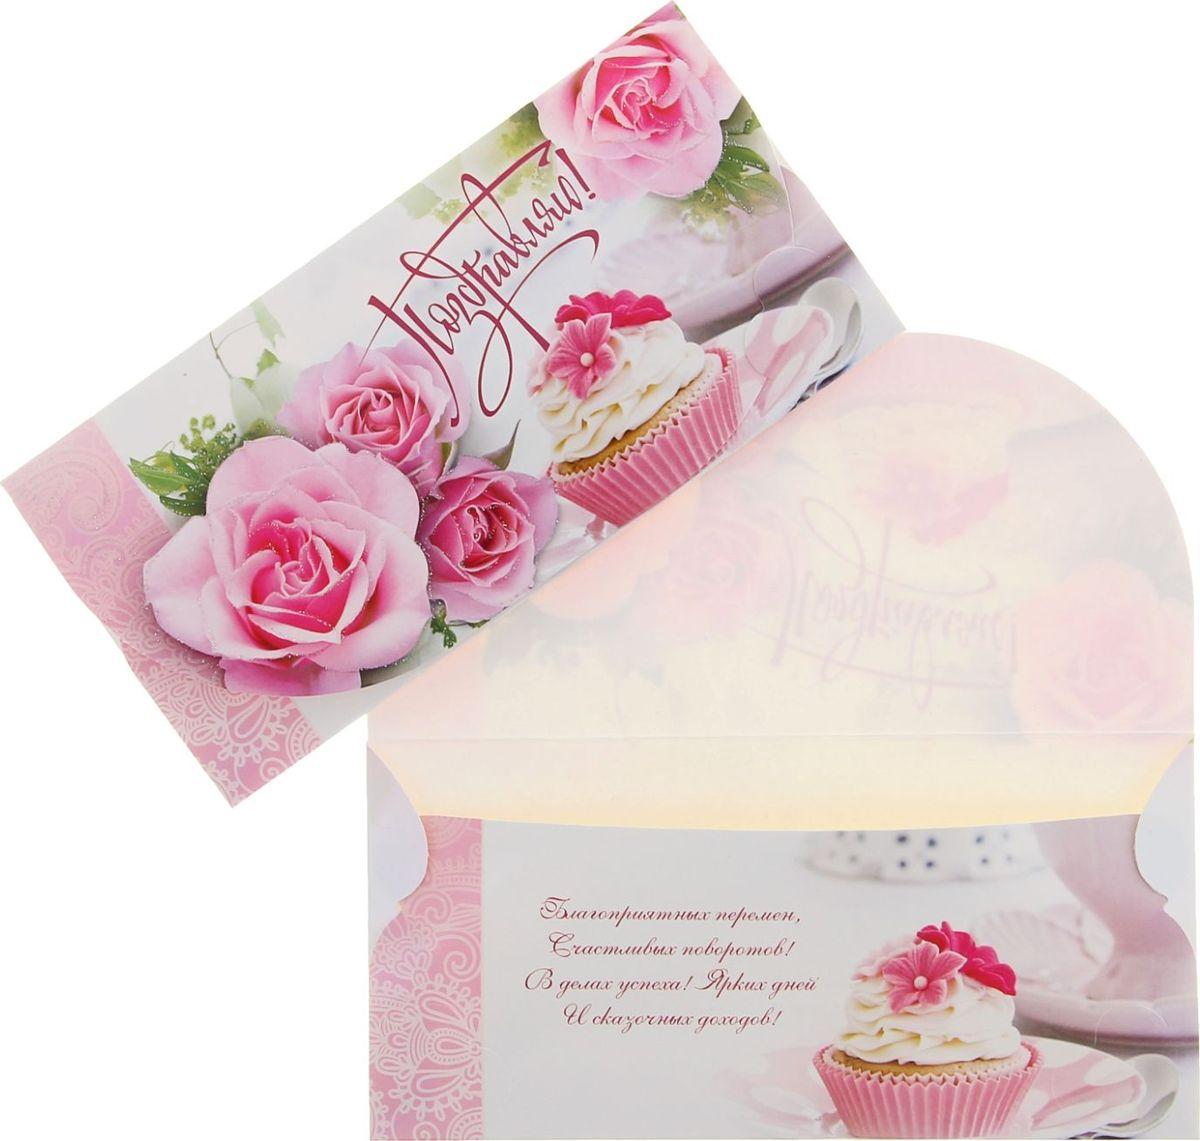 Конверт для денег Поздравляю! Розовые розы, 16,5 х 8 см1094723Невозможно представить нашу жизнь без праздников! Мы всегда ждём их и предвкушаем, обдумываем, как проведём памятный день, тщательно выбираем подарки и аксессуары, ведь именно они создают и поддерживают торжественный настрой. Этот конверт для денег - отличный выбор, который привнесёт атмосферу праздника в ваш дом!